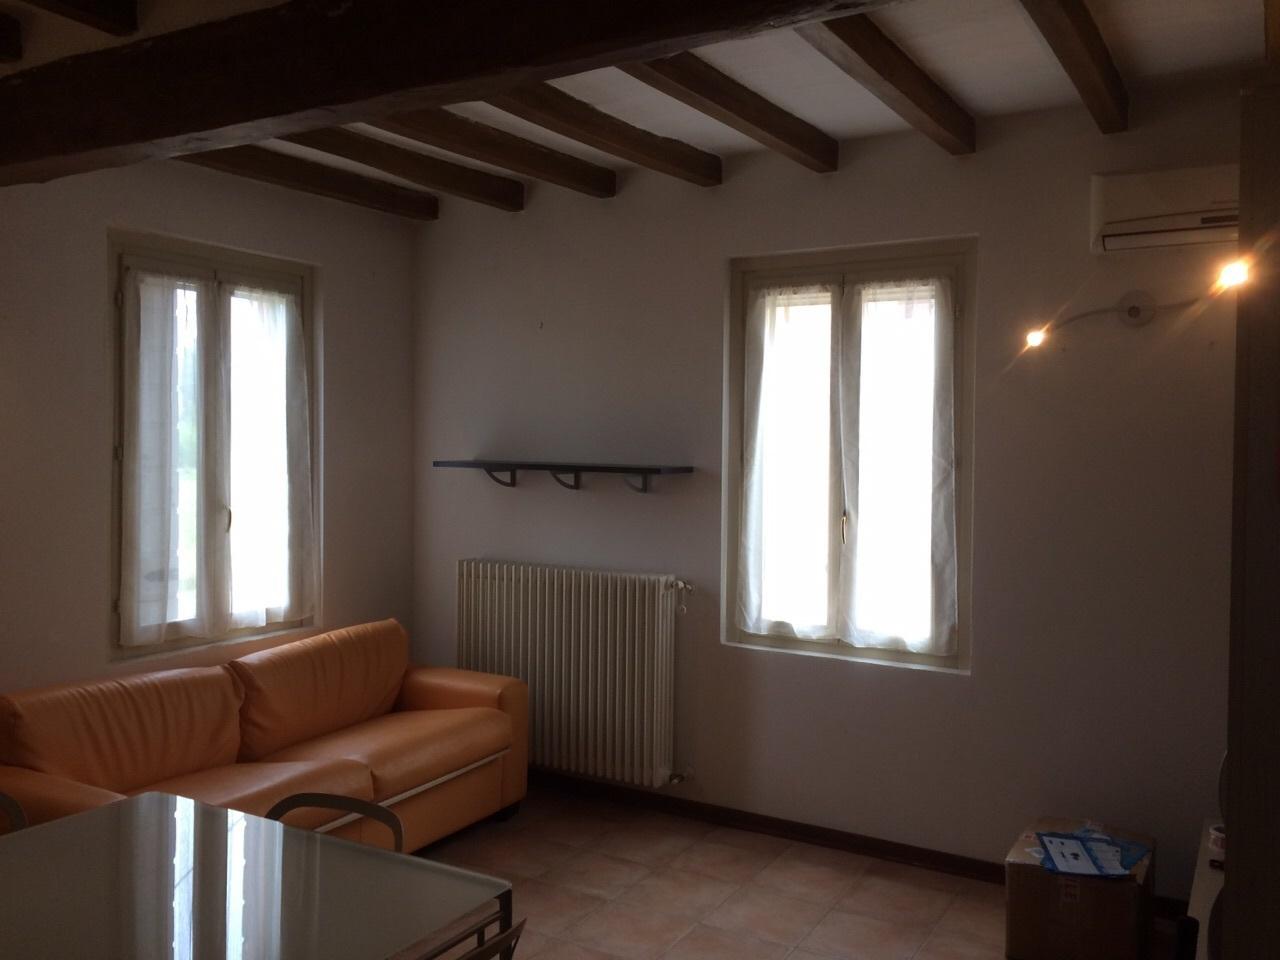 Appartamento in vendita a Parma, 2 locali, prezzo € 90.000 | Cambio Casa.it